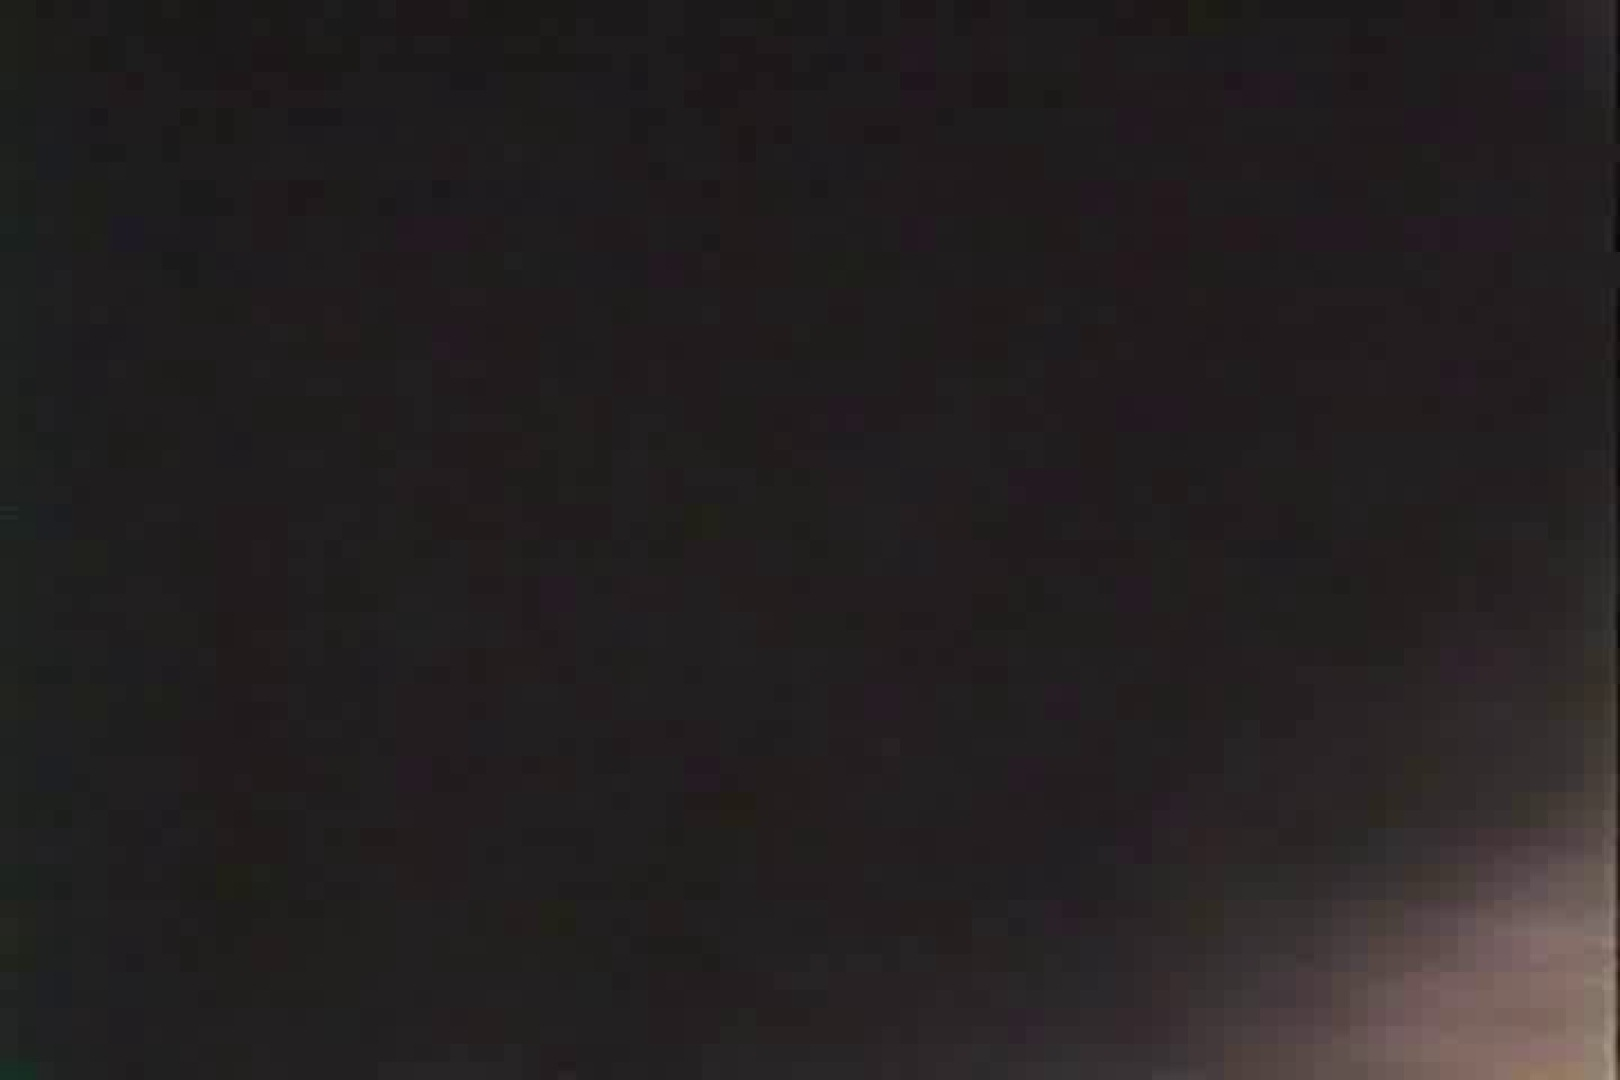 「ちくりん」さんのオリジナル未編集パンチラVol.1_01 美女OL  35連発 30